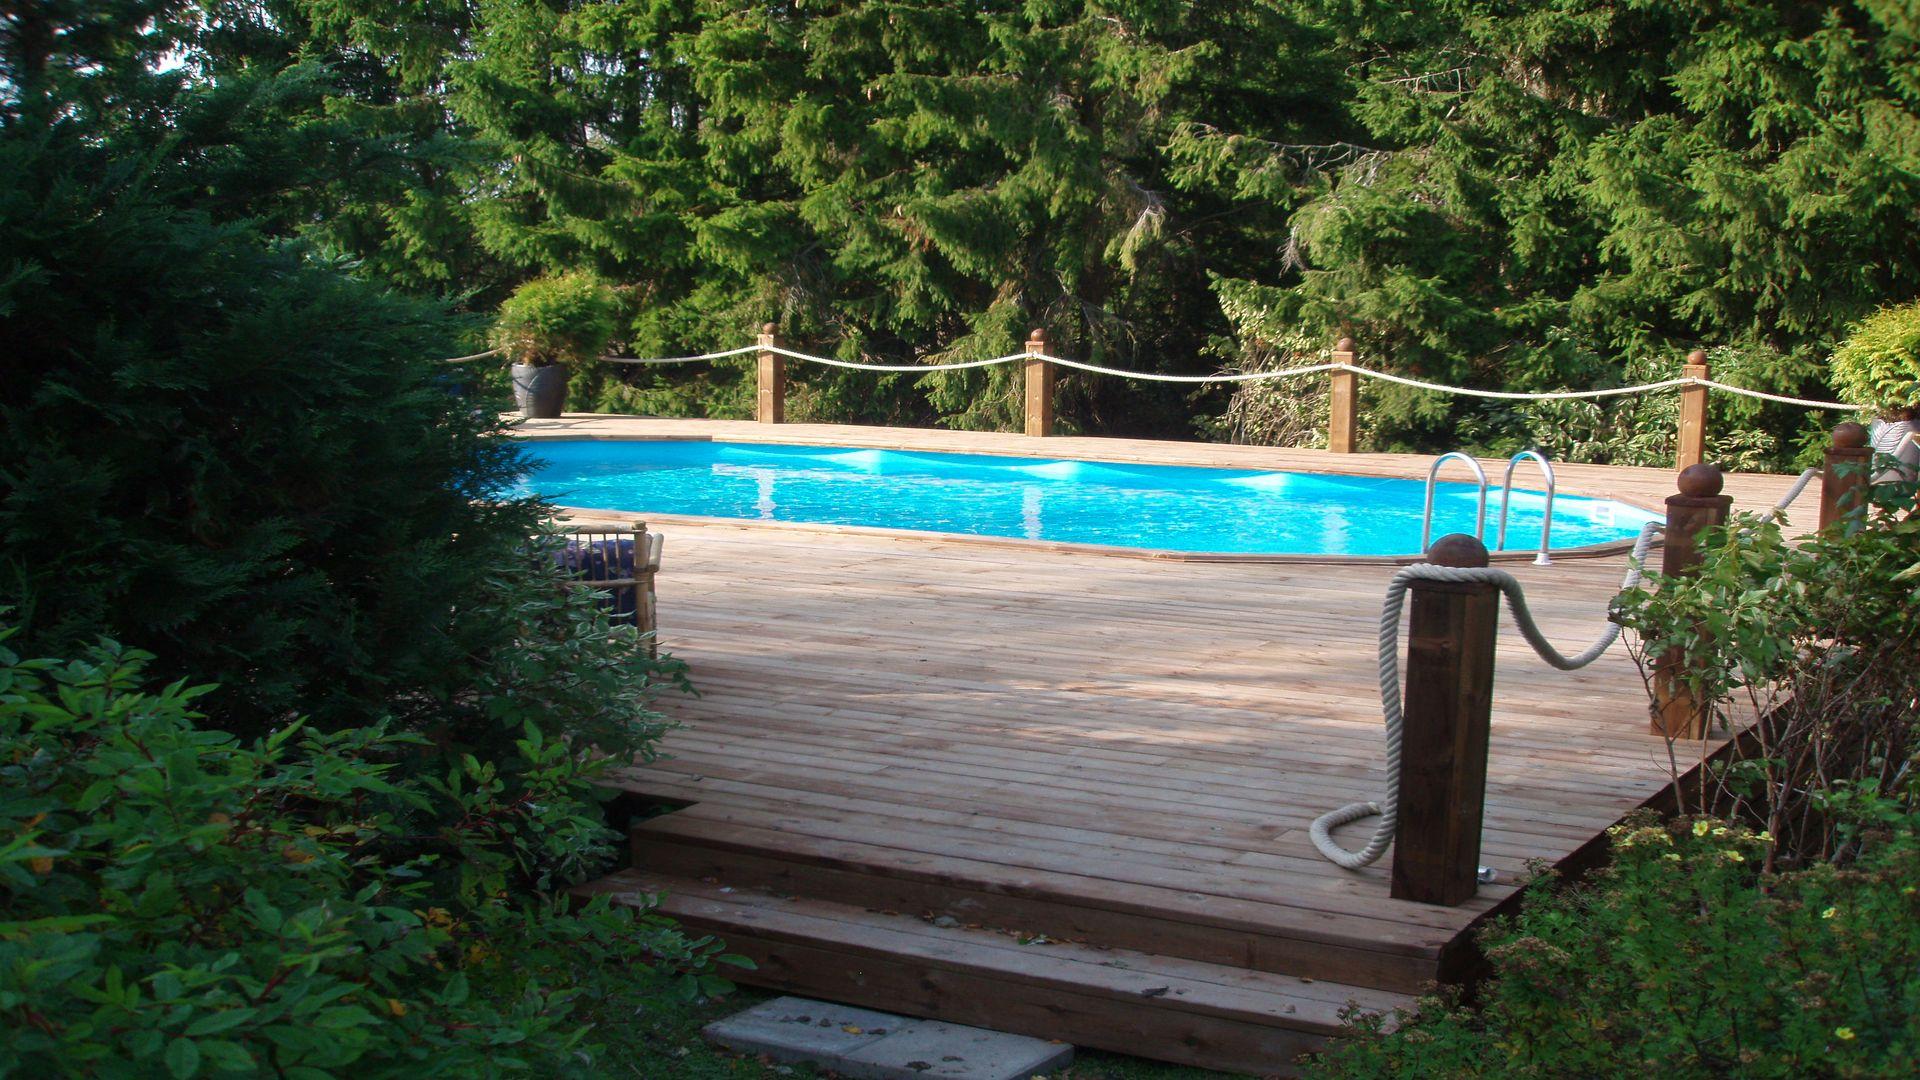 Utsikt över poolområde på Rosenberg gård och stuga. Fotograf: Pressbild